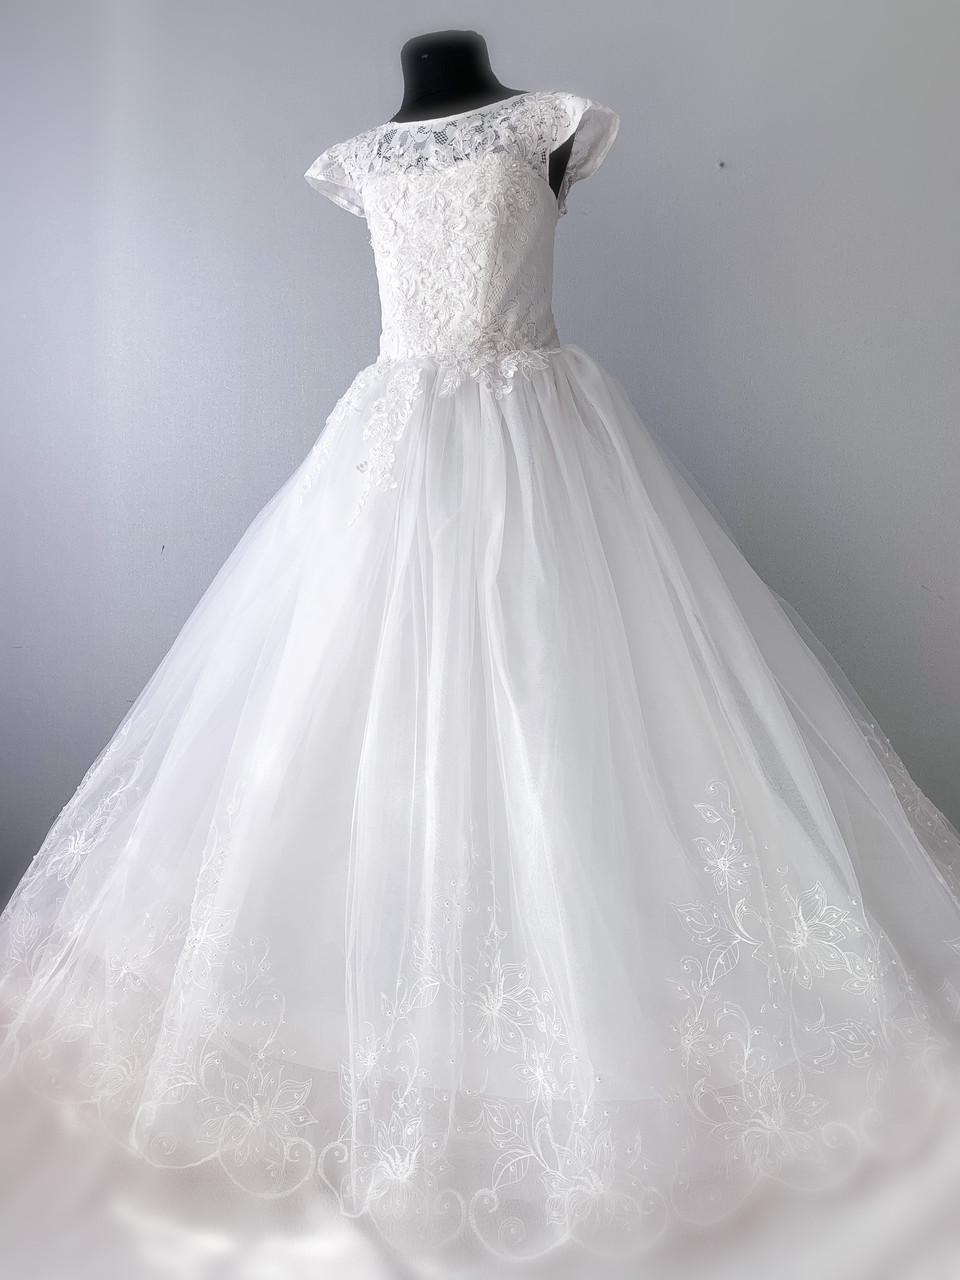 Нарядное платье для девочки молочного цвета с кружевом